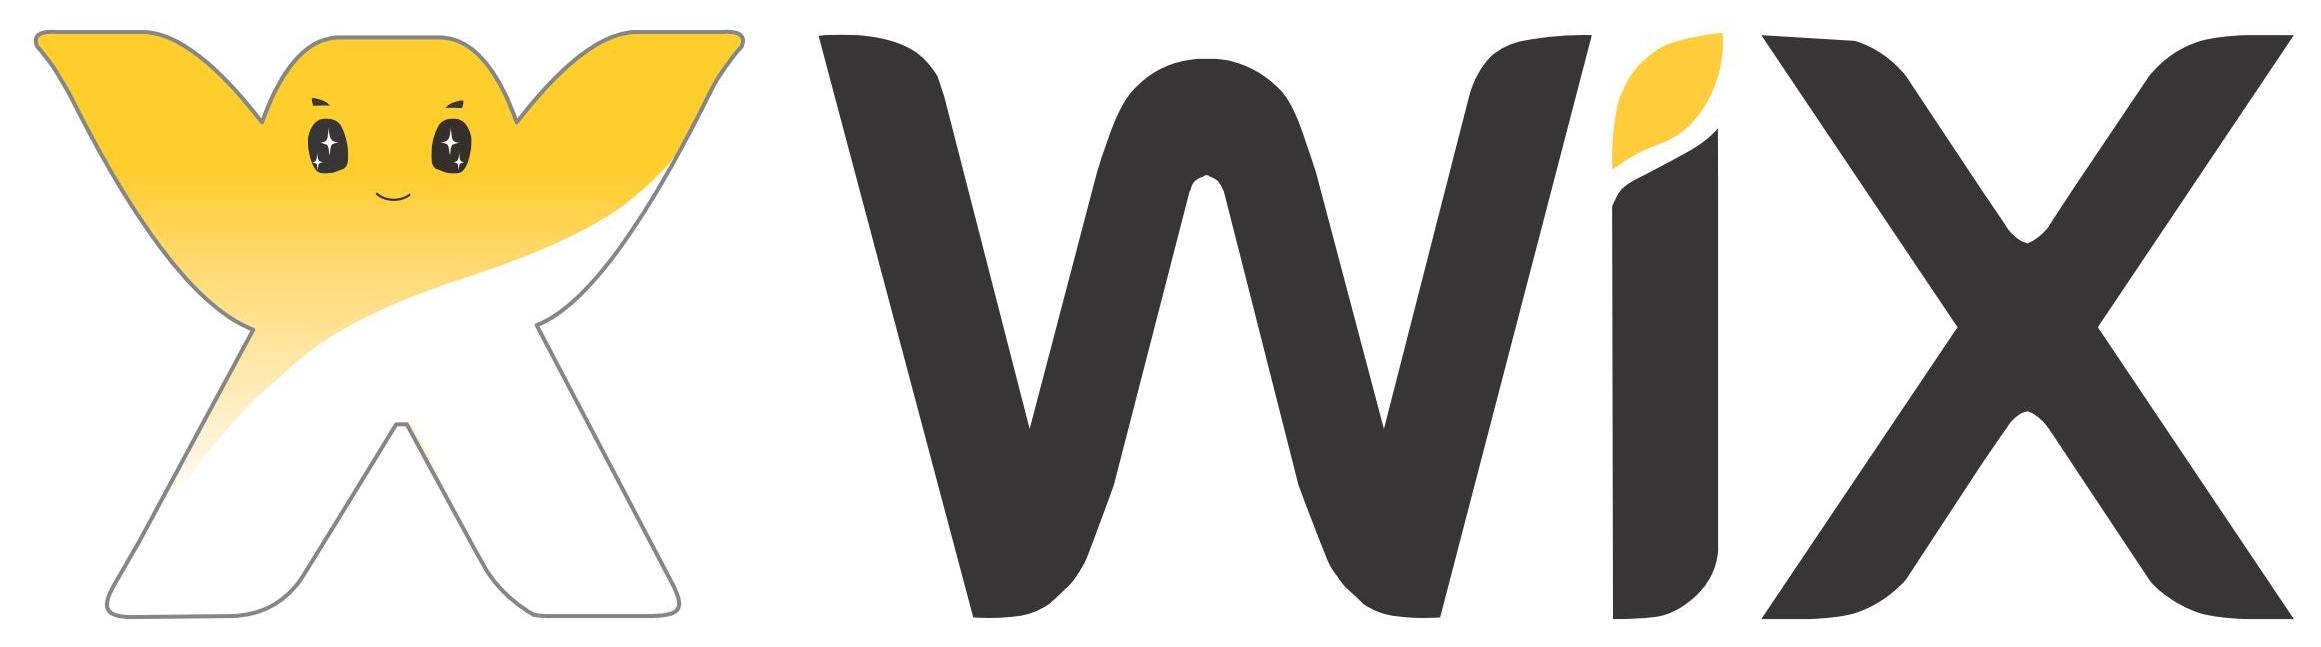 Including a sign-up form on Wix – SendinBlue